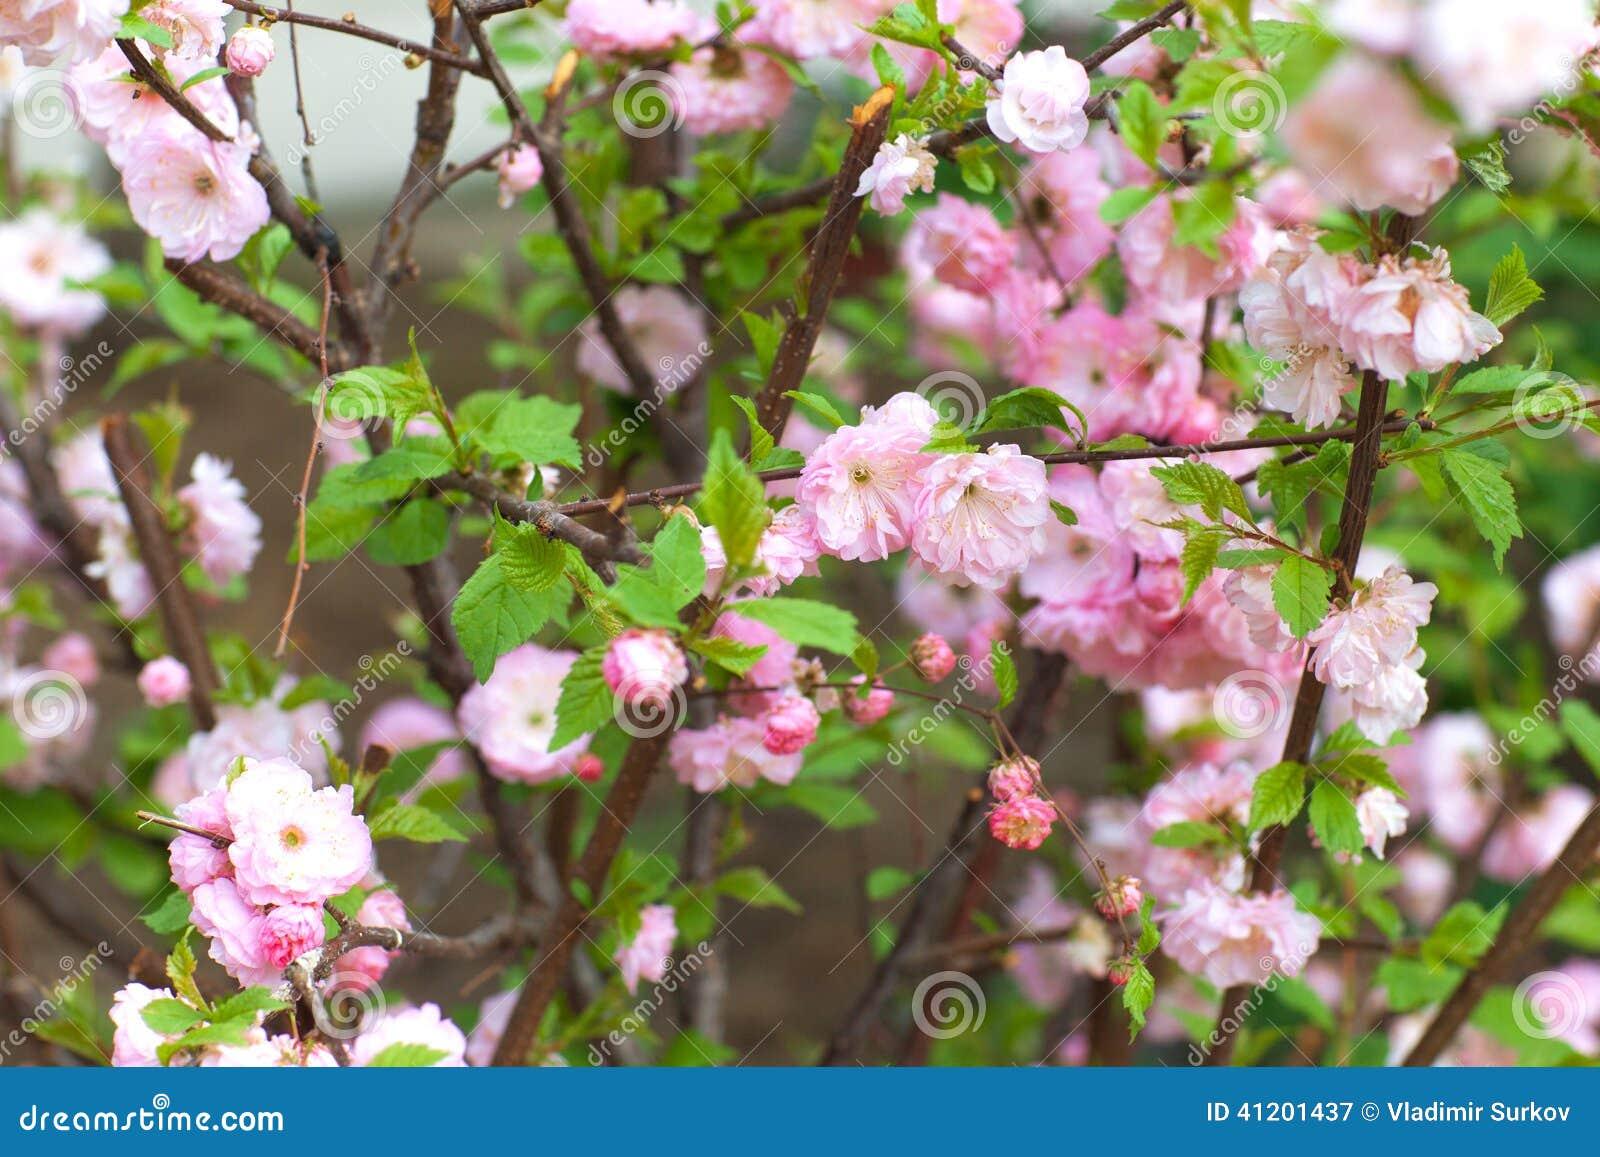 rosa blumen auf busch stockfoto bild 41201437. Black Bedroom Furniture Sets. Home Design Ideas